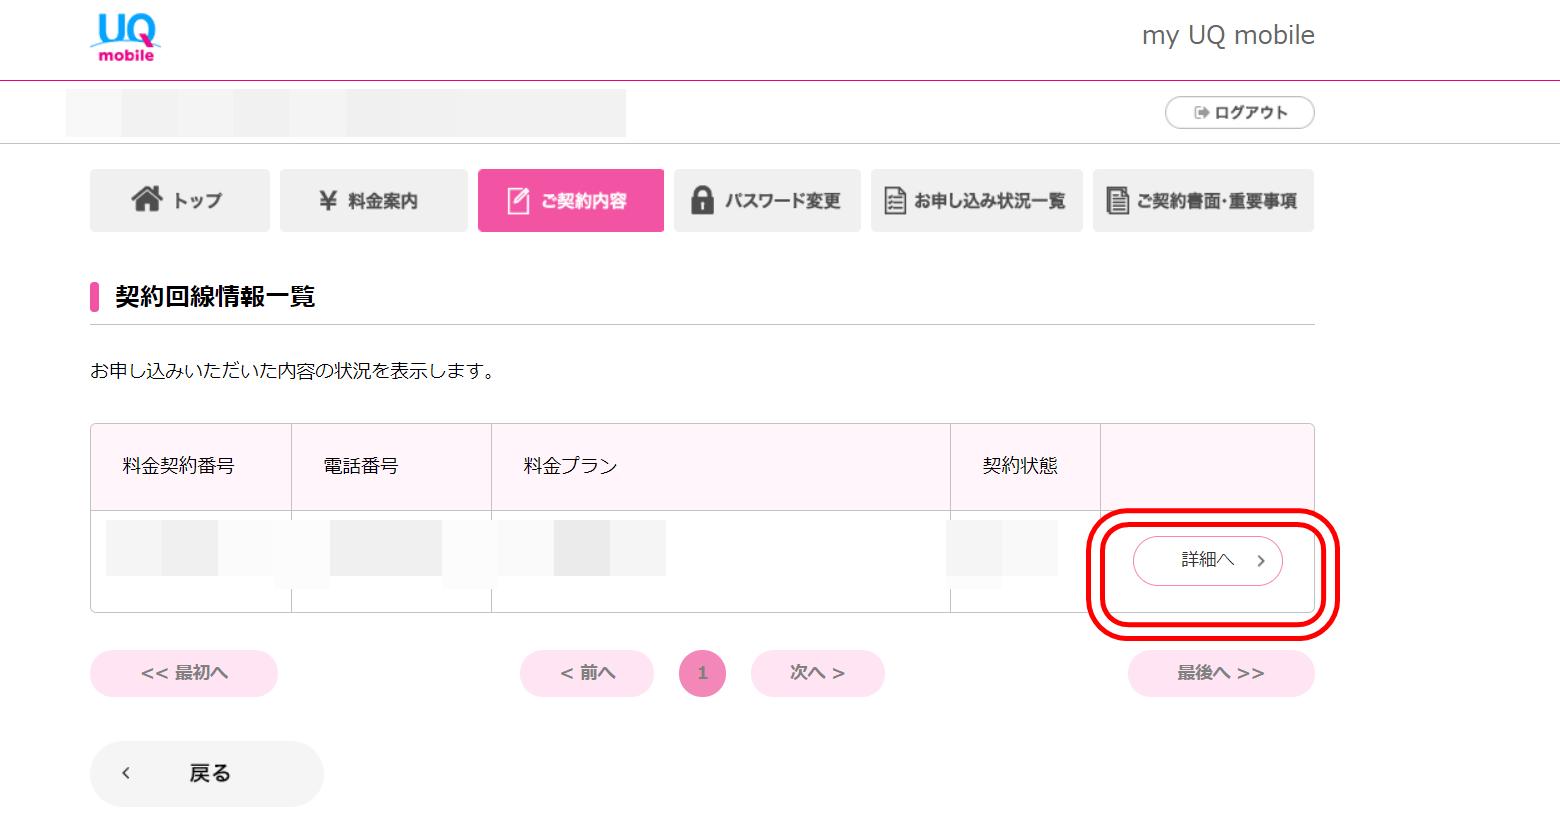 UQモバイルSIMカード交換手順 SIMカードを交換したい回線を確認し詳細を選択する